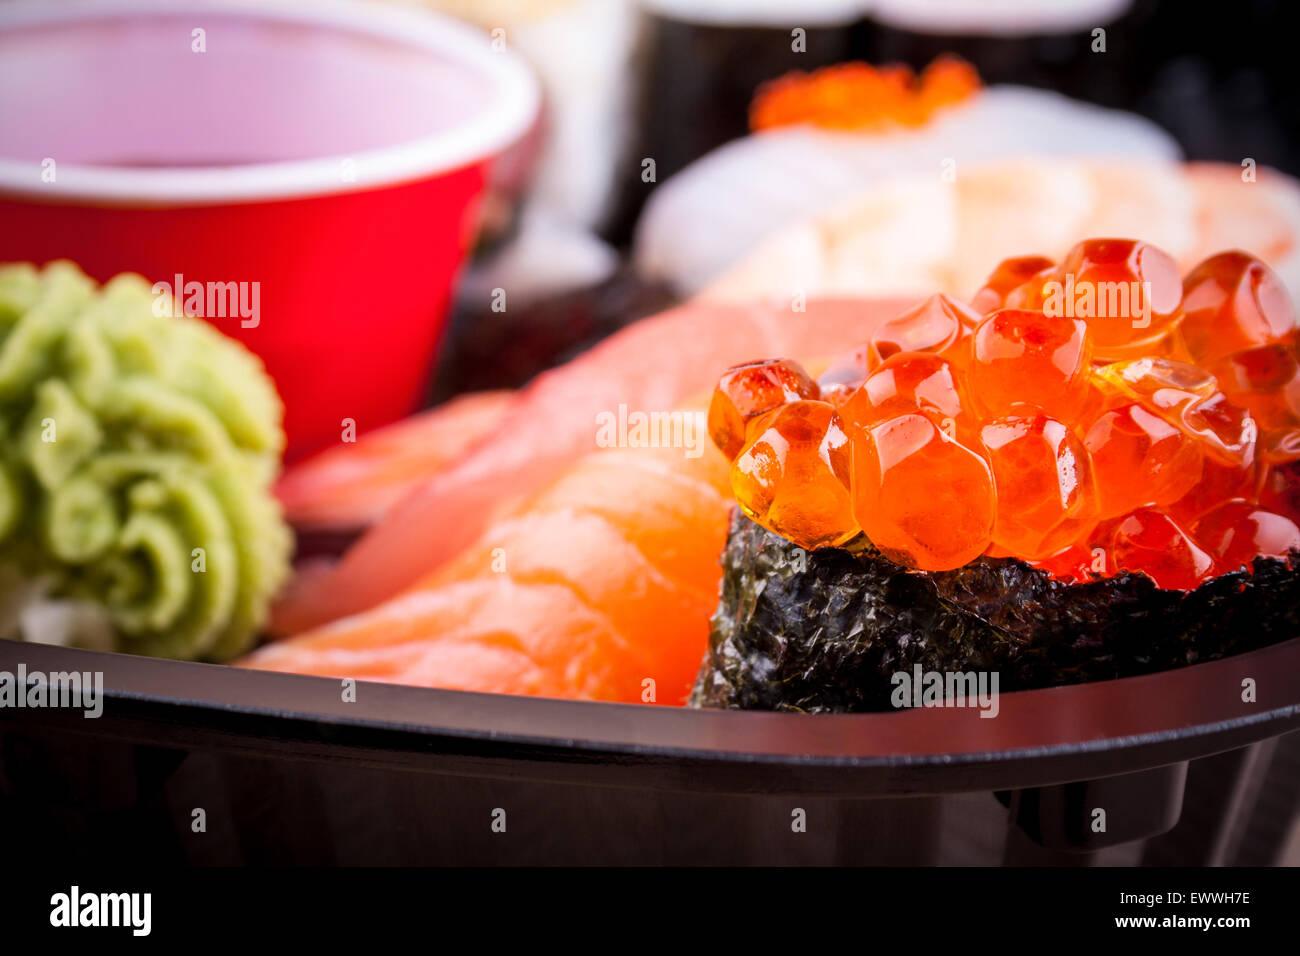 Salmon caviar ikura sushi with selective focus, close up - Stock Image